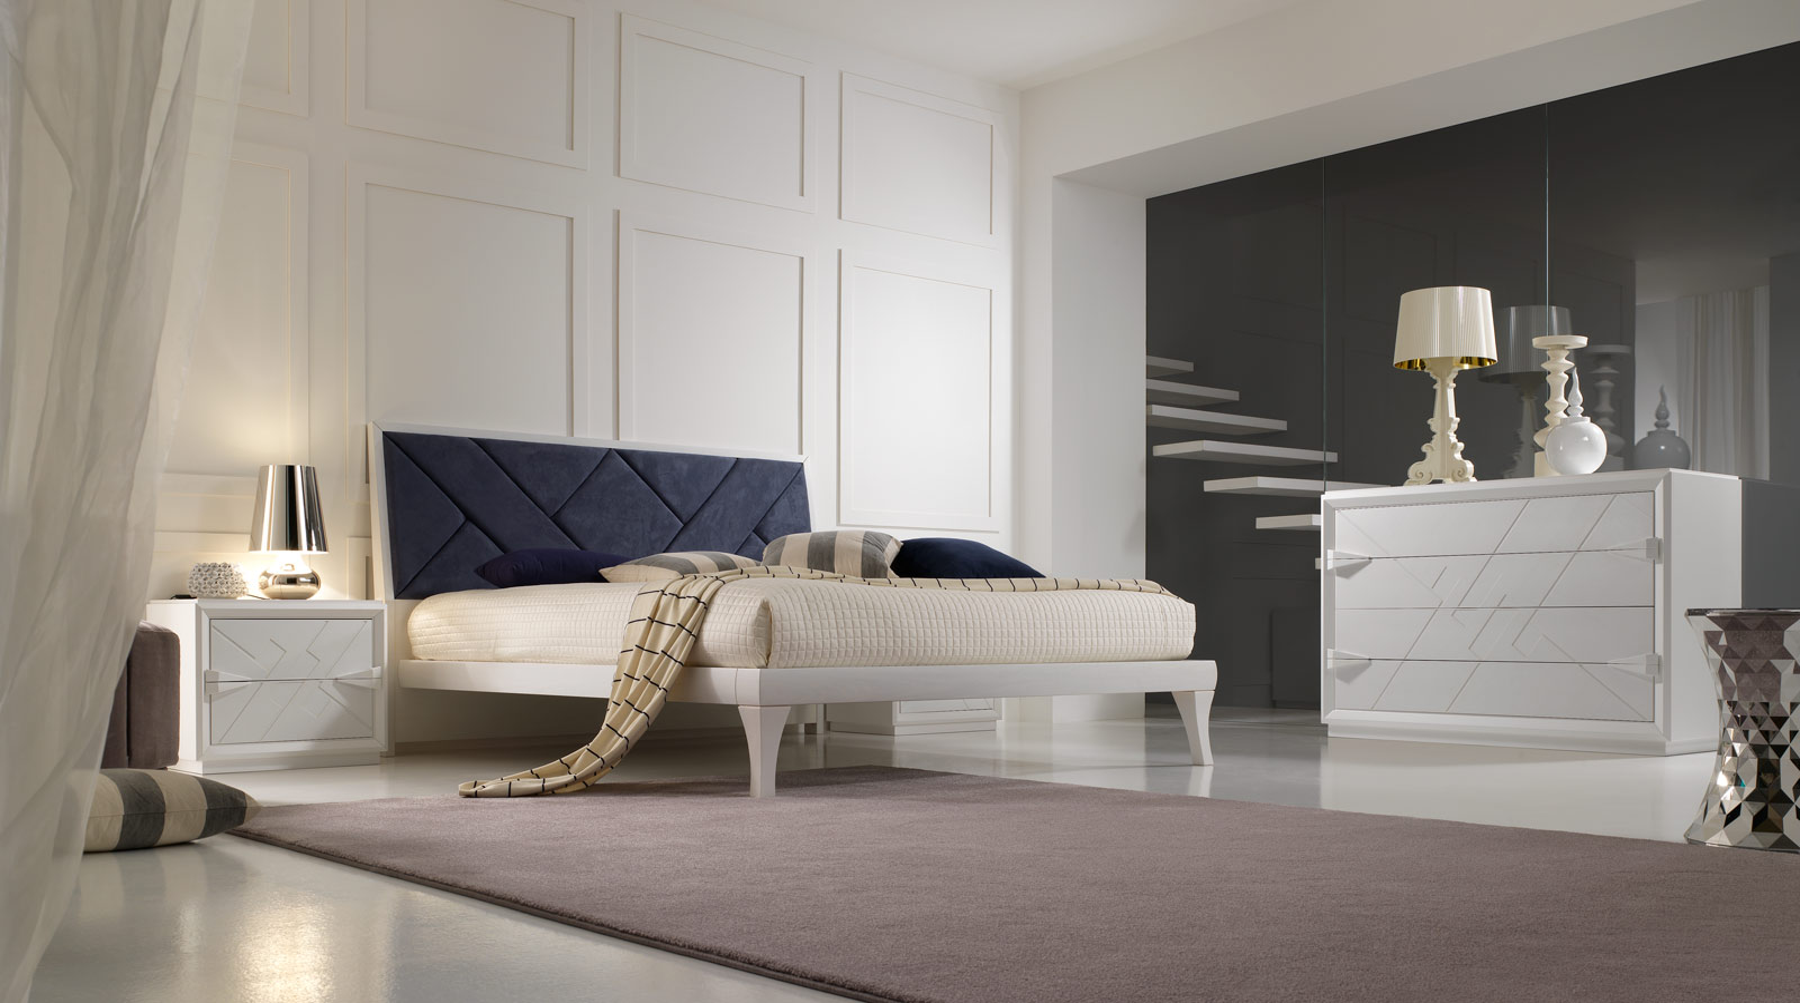 Stilema Mobili Camere Da Letto.Arredo Zona Notte Stilema Tolomello Interior Design A Napoli E A